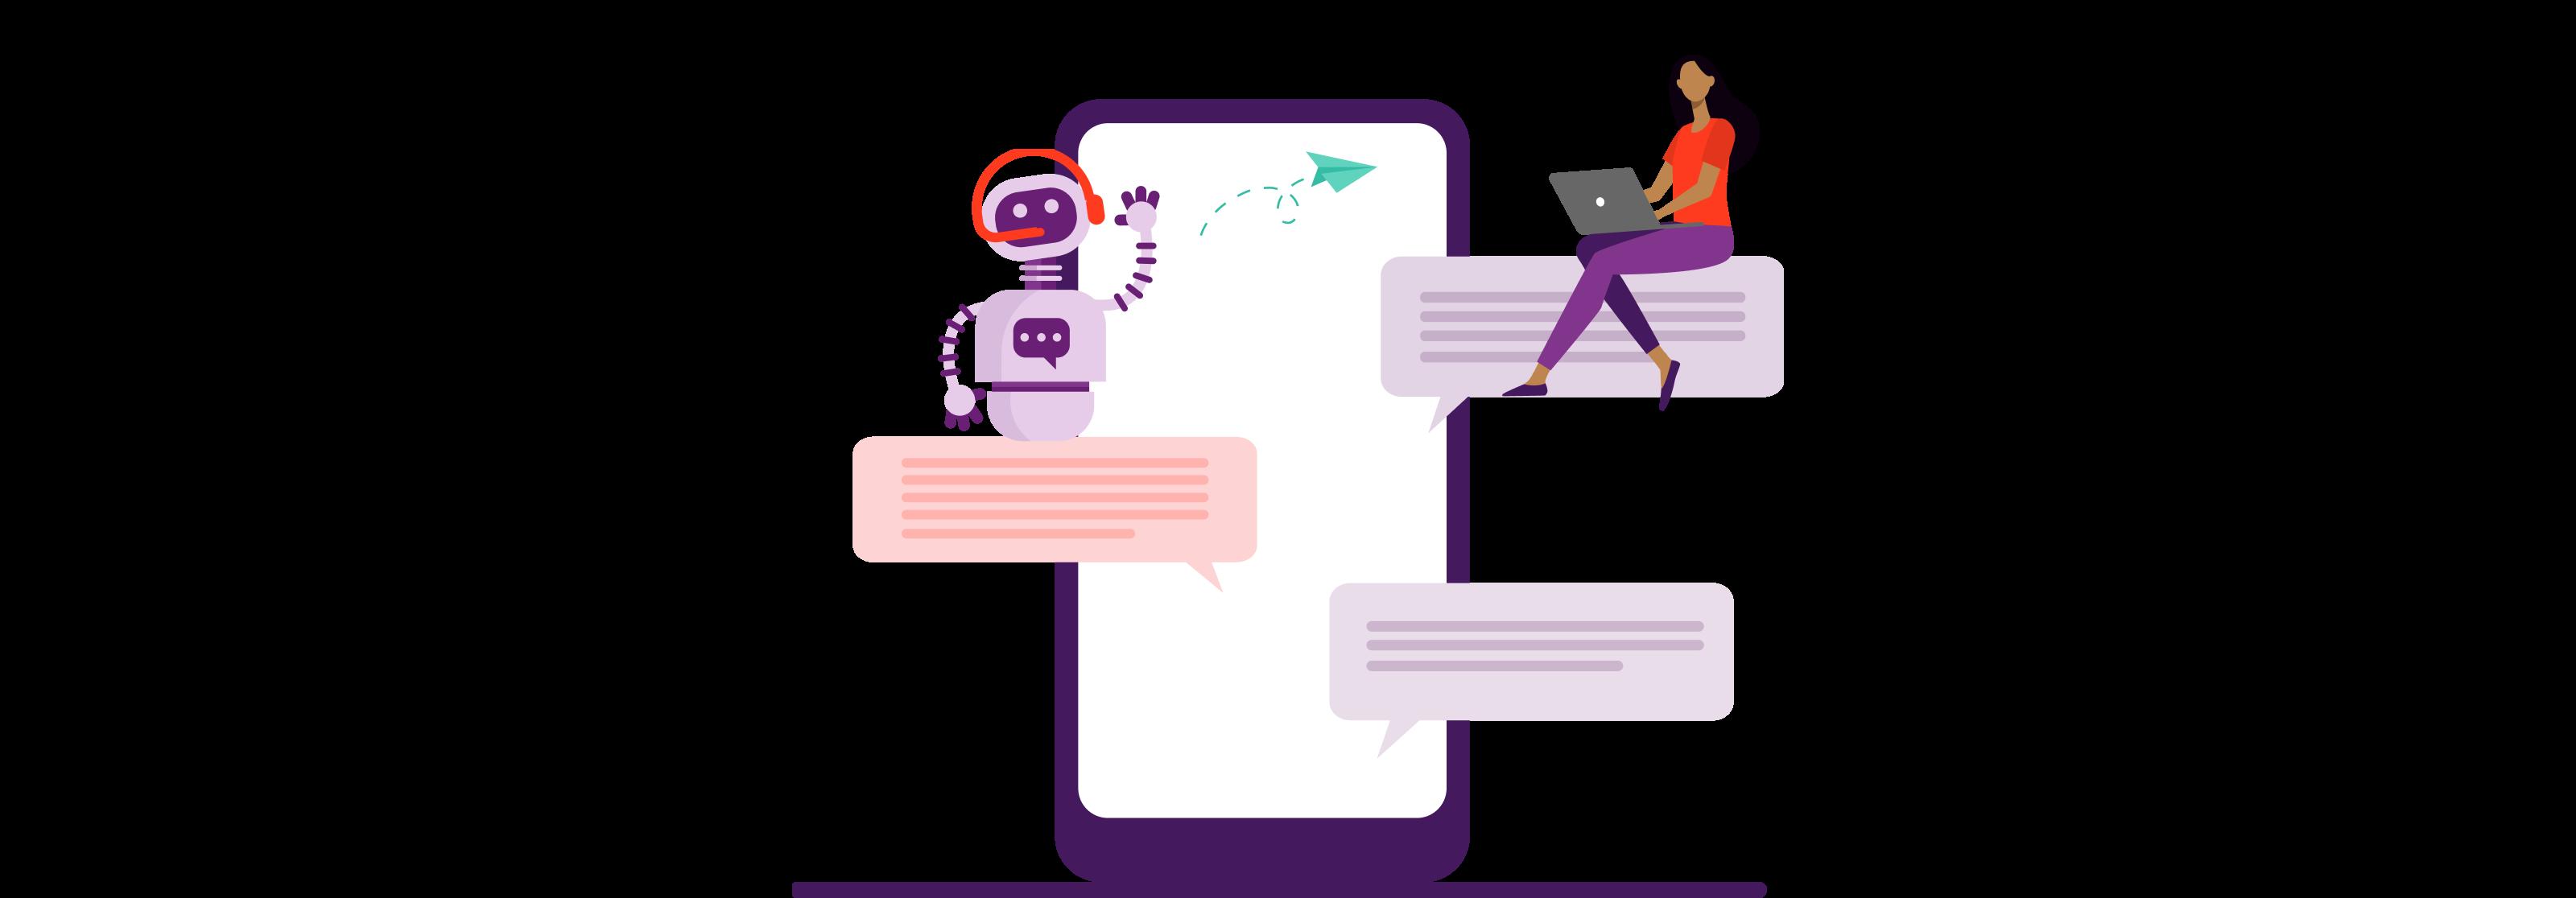 recruitment chatbot messaging